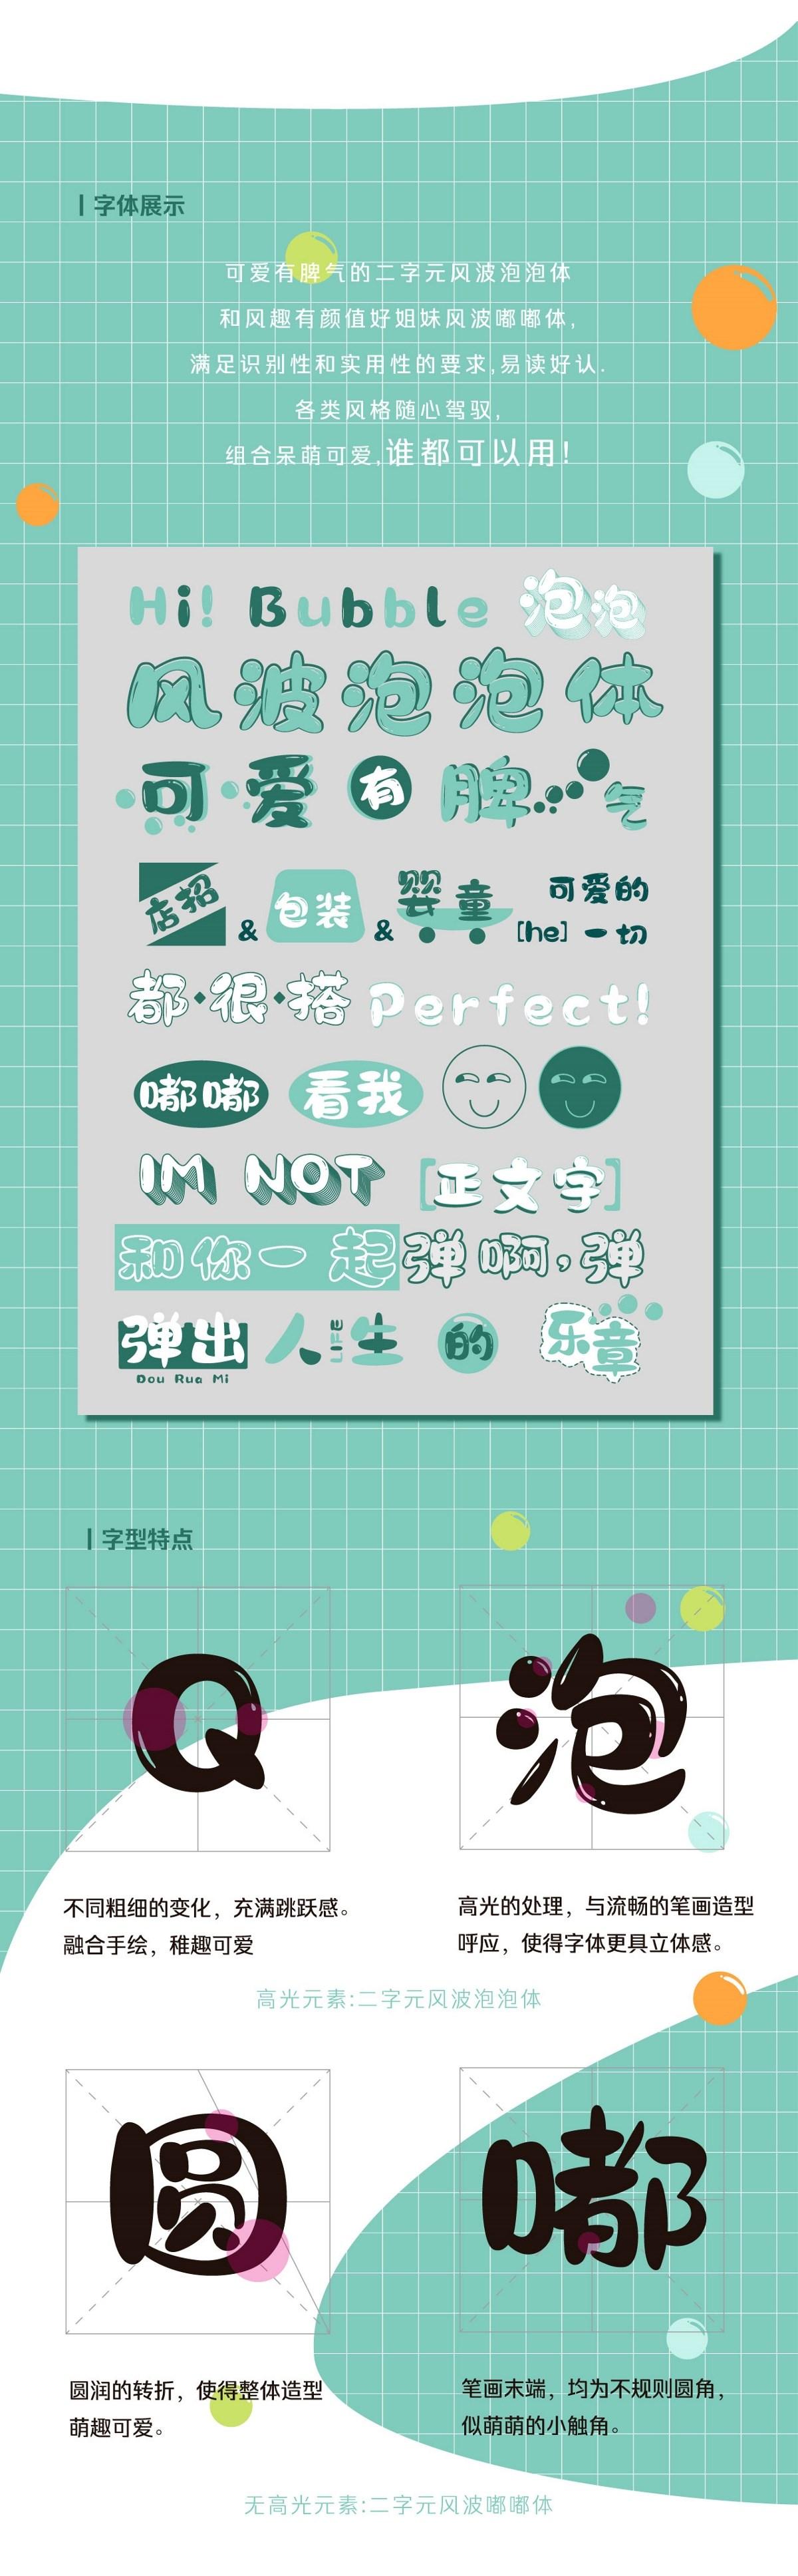 锐字家族新字萌新上线-风波泡泡体&嘟嘟体,可下载!